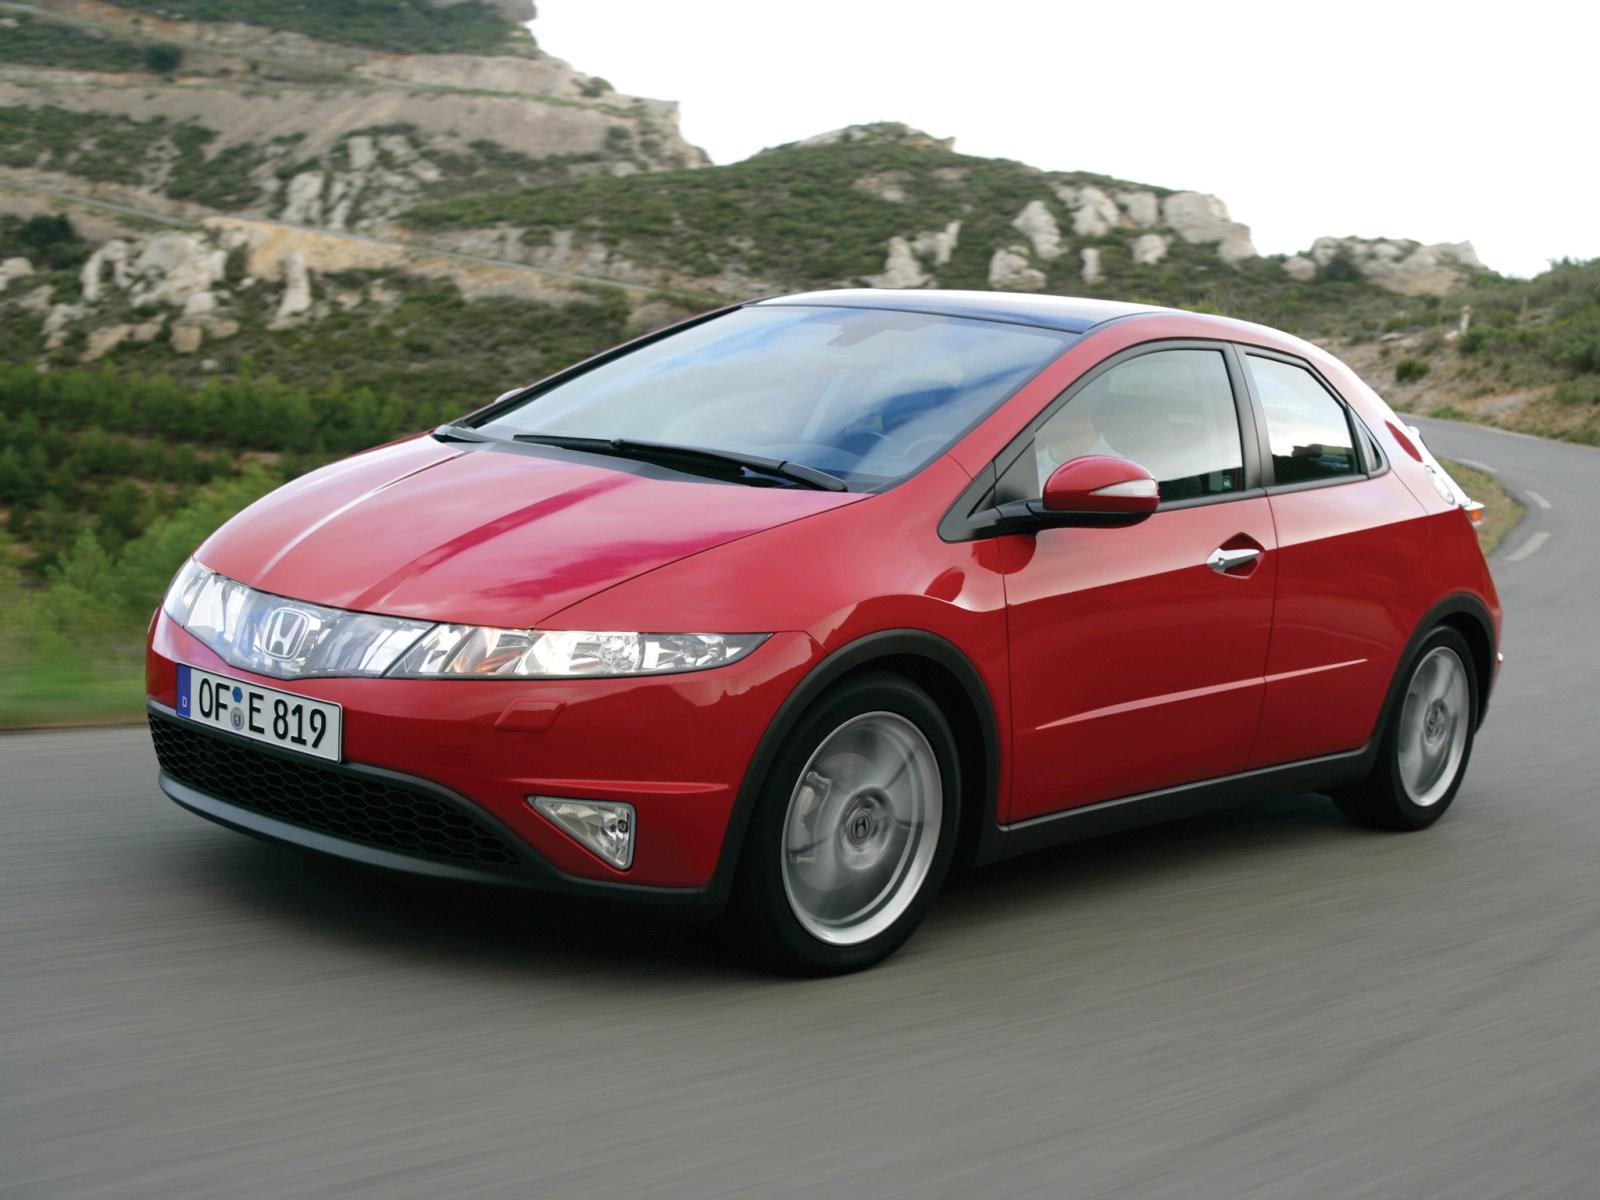 Хонда  отзывает 772 тысячи машин вСША из-за сложностей  сподушками безопасности